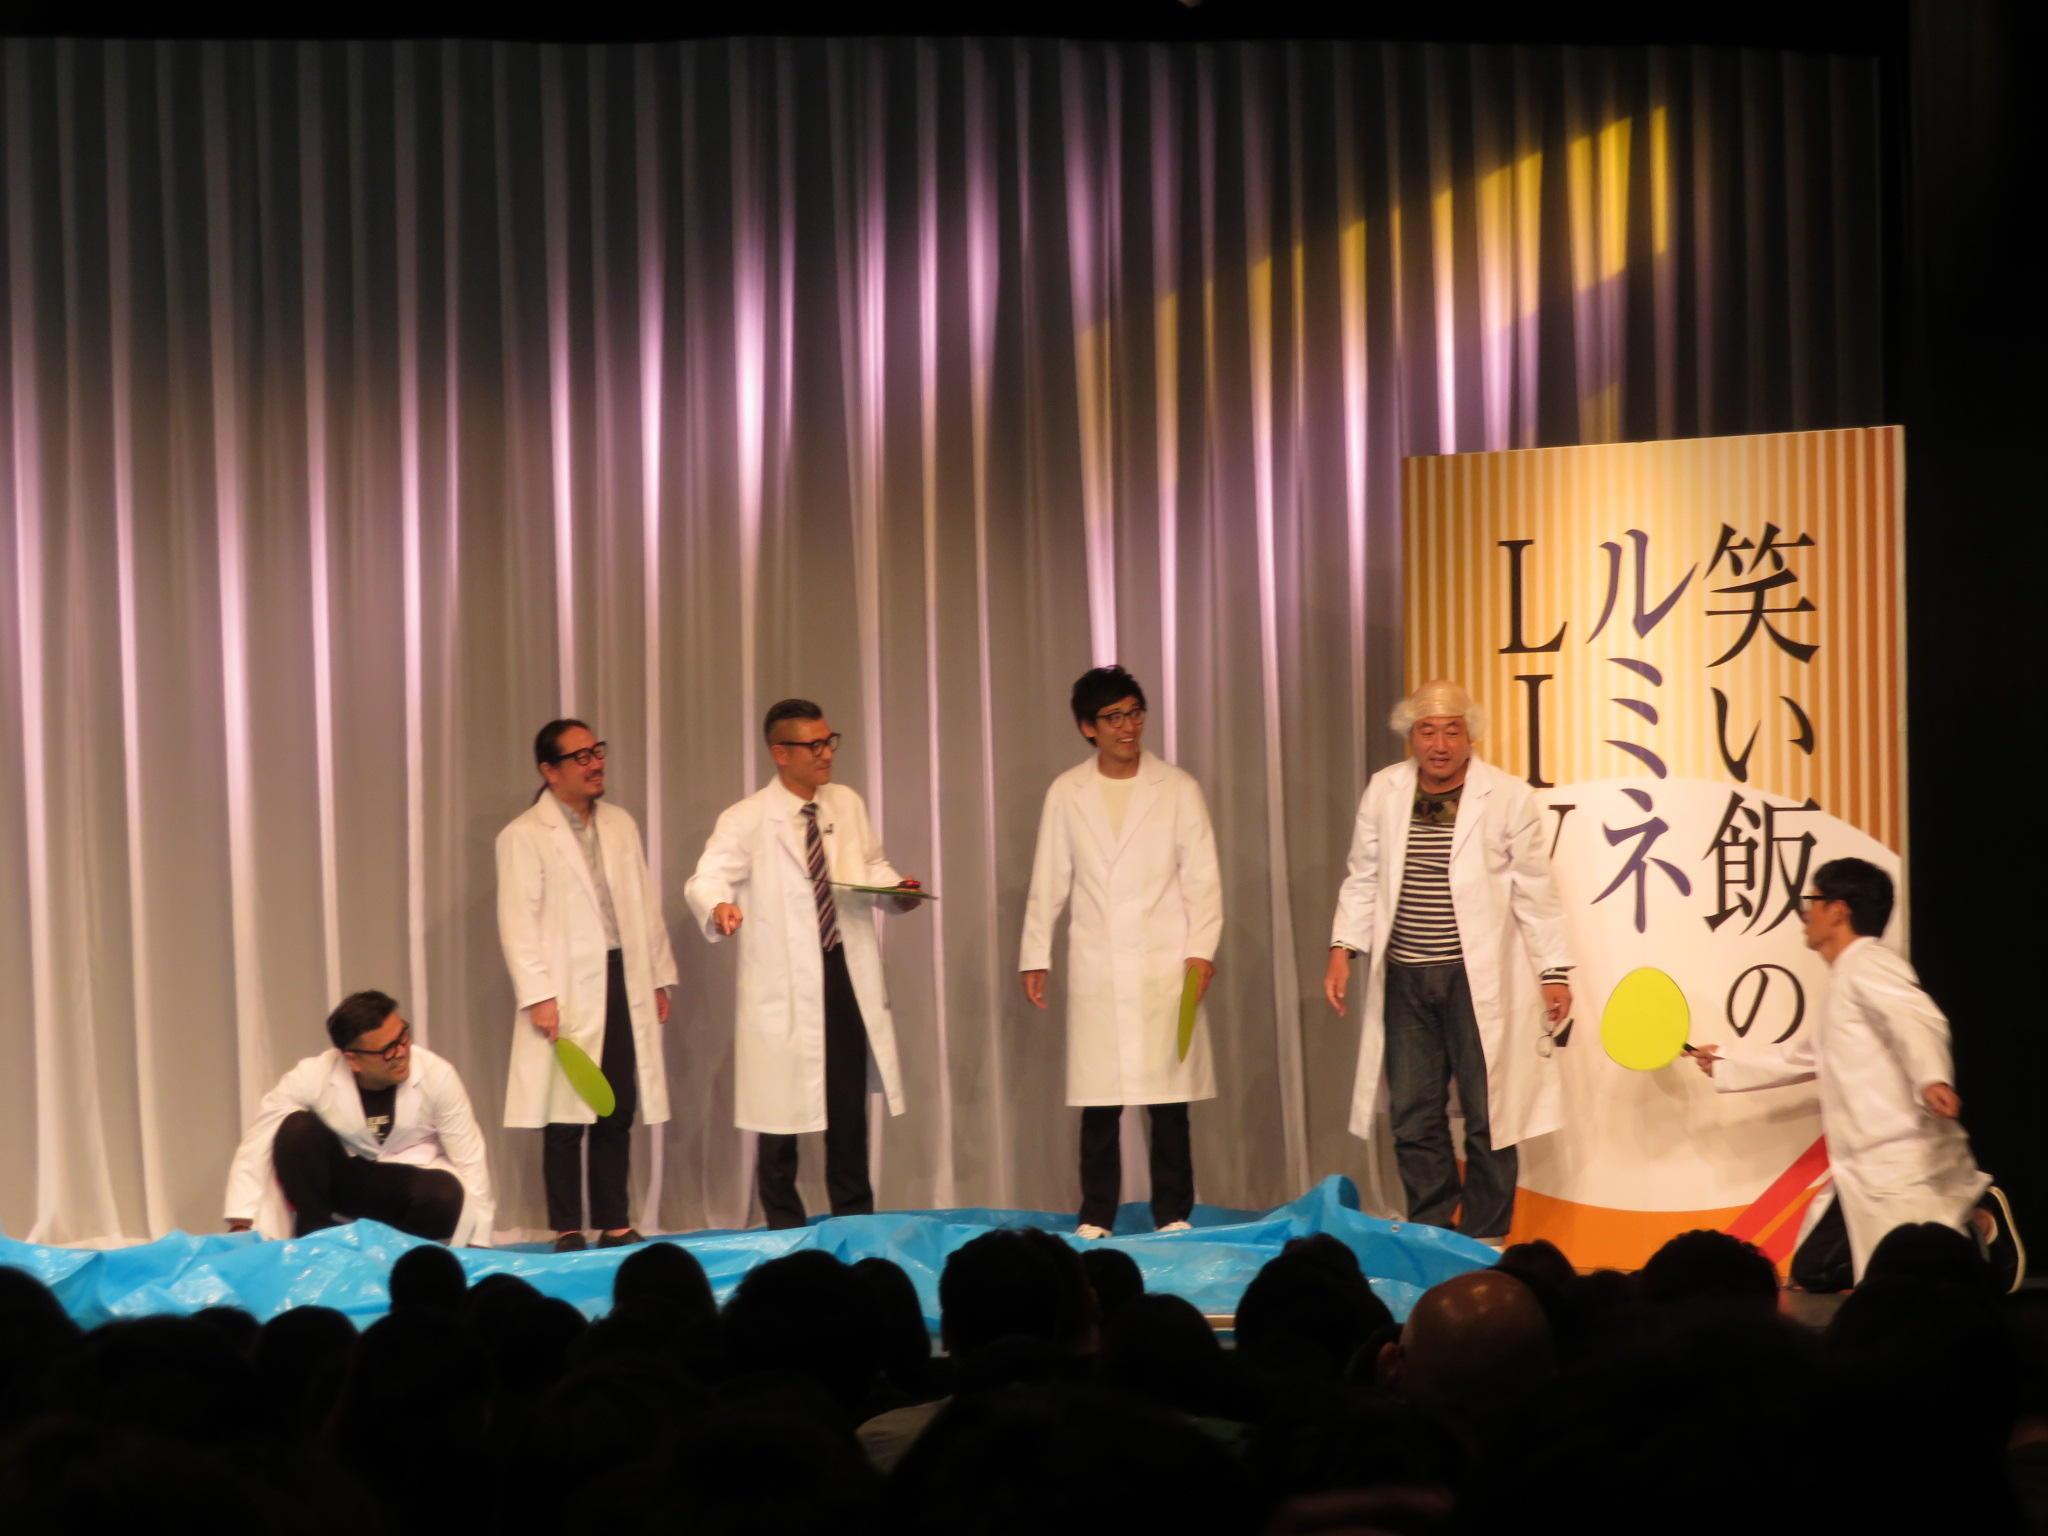 http://news.yoshimoto.co.jp/20181106000135-d9cf89f8182ba4b0bc22289f105655da2c3ec844.jpg